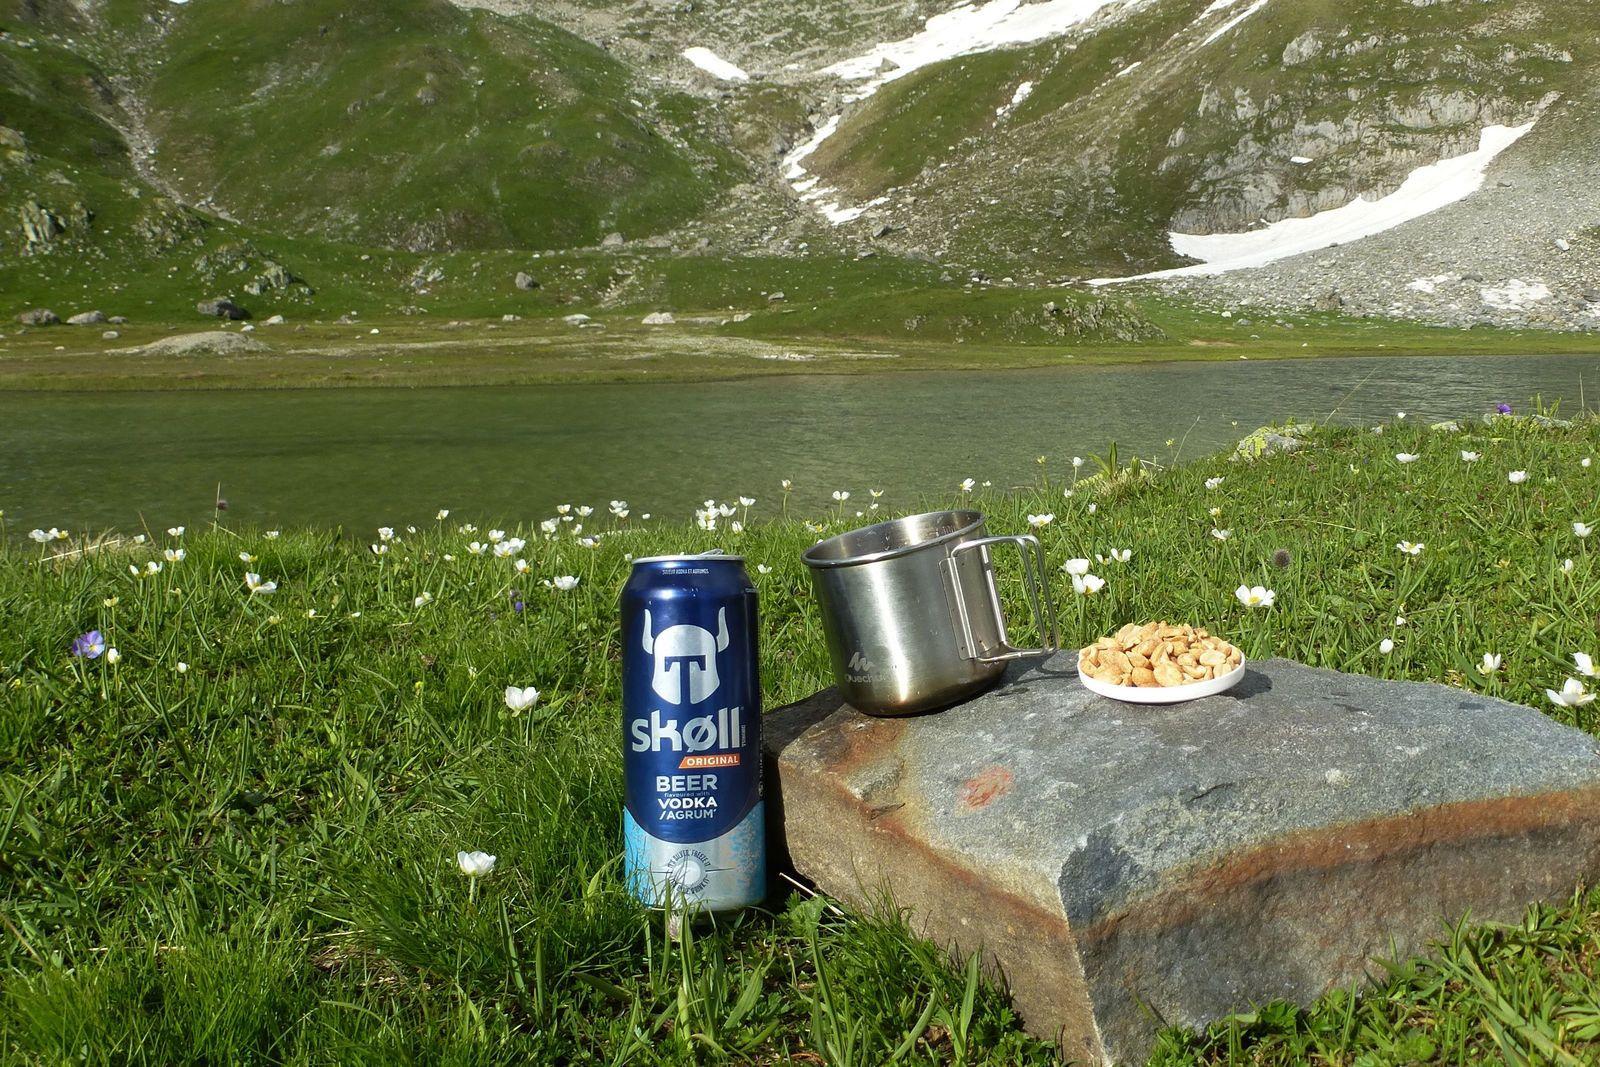 2 Jours dans les Cerces : J1 Montée au Lac des Cerces